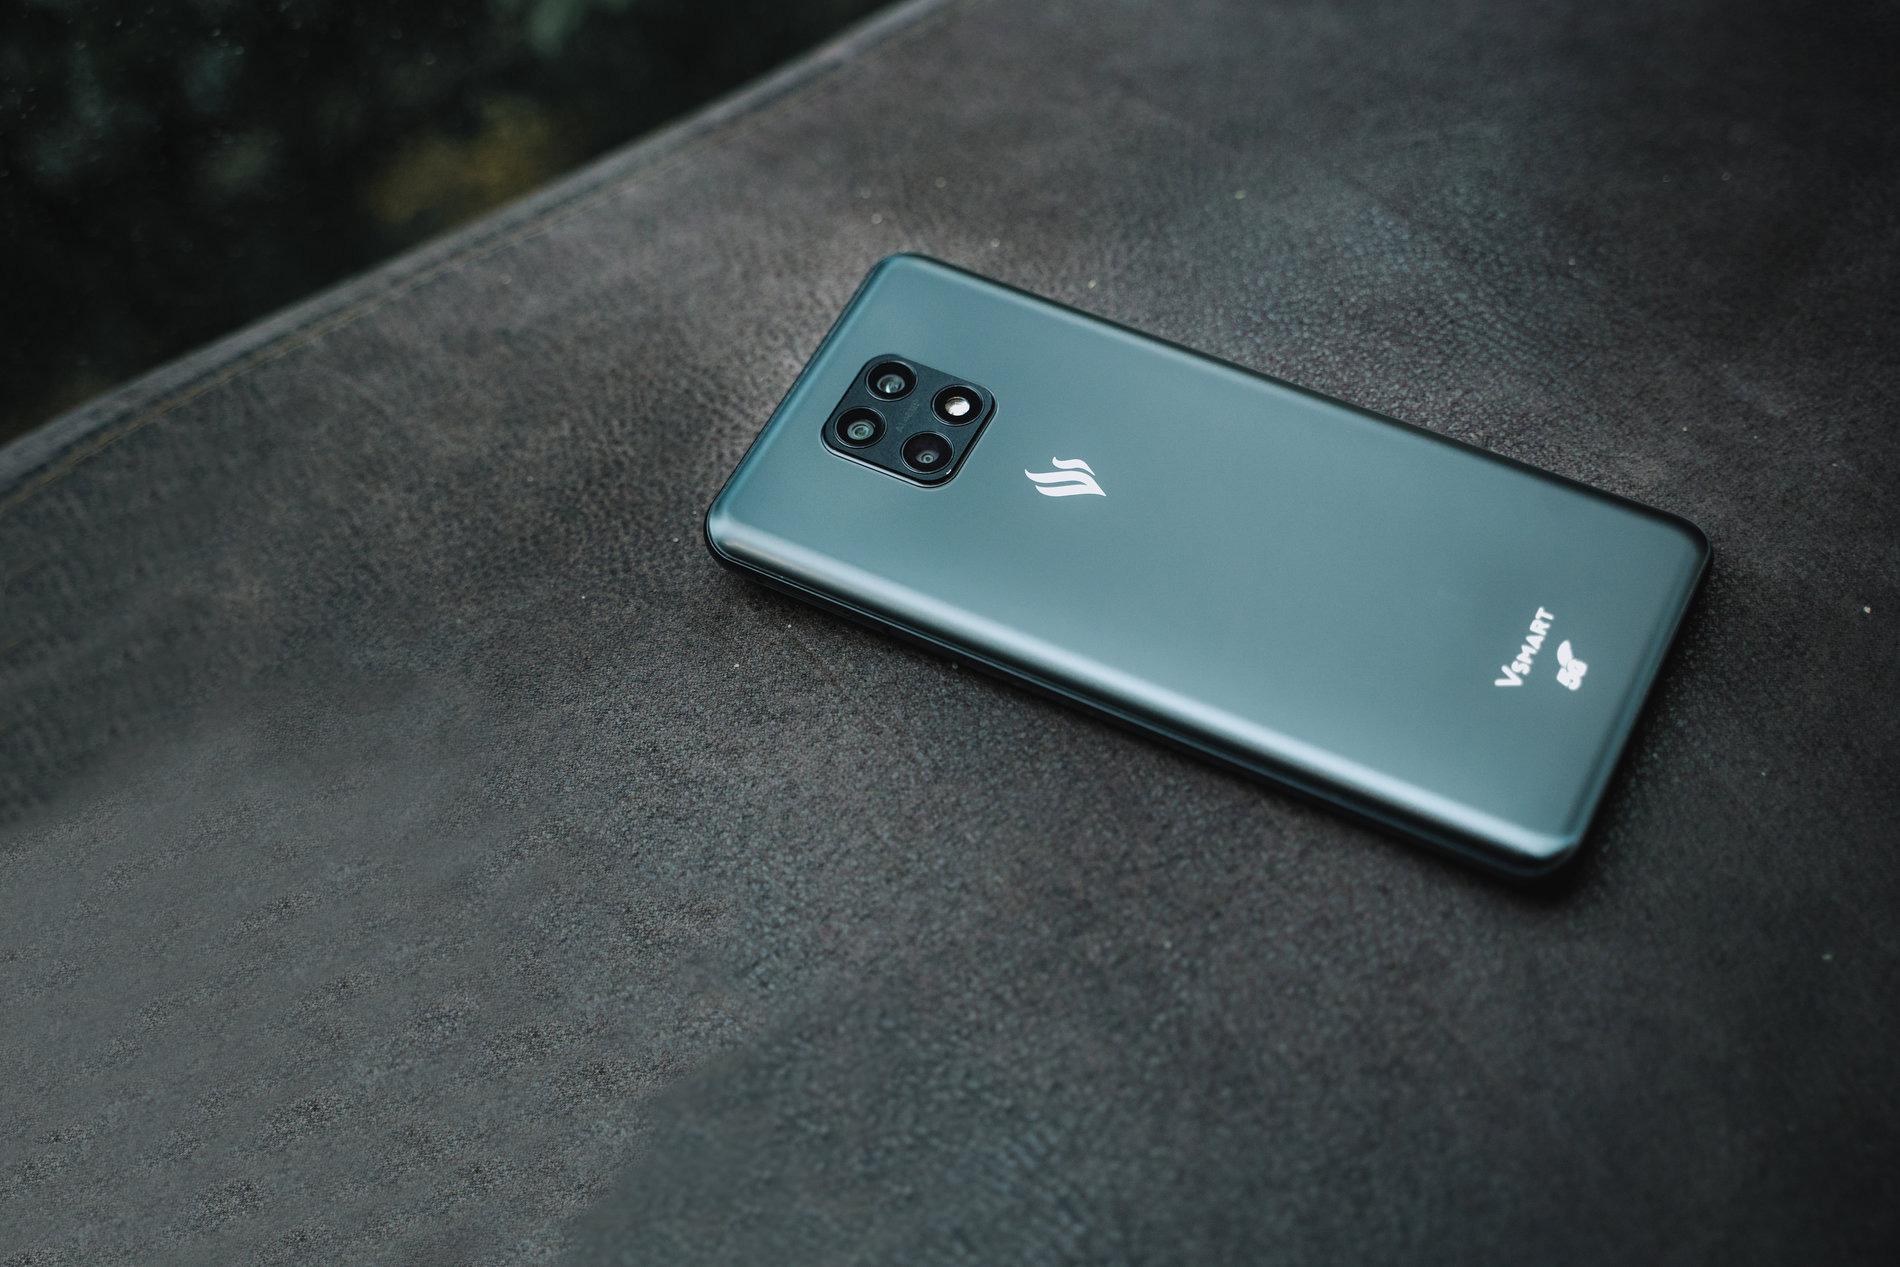 VinSmart phát triển thành công điện thoại 5G tích hợp giải pháp bảo mật sử dụng công nghệ điện toán lượng tử - Ảnh 2.